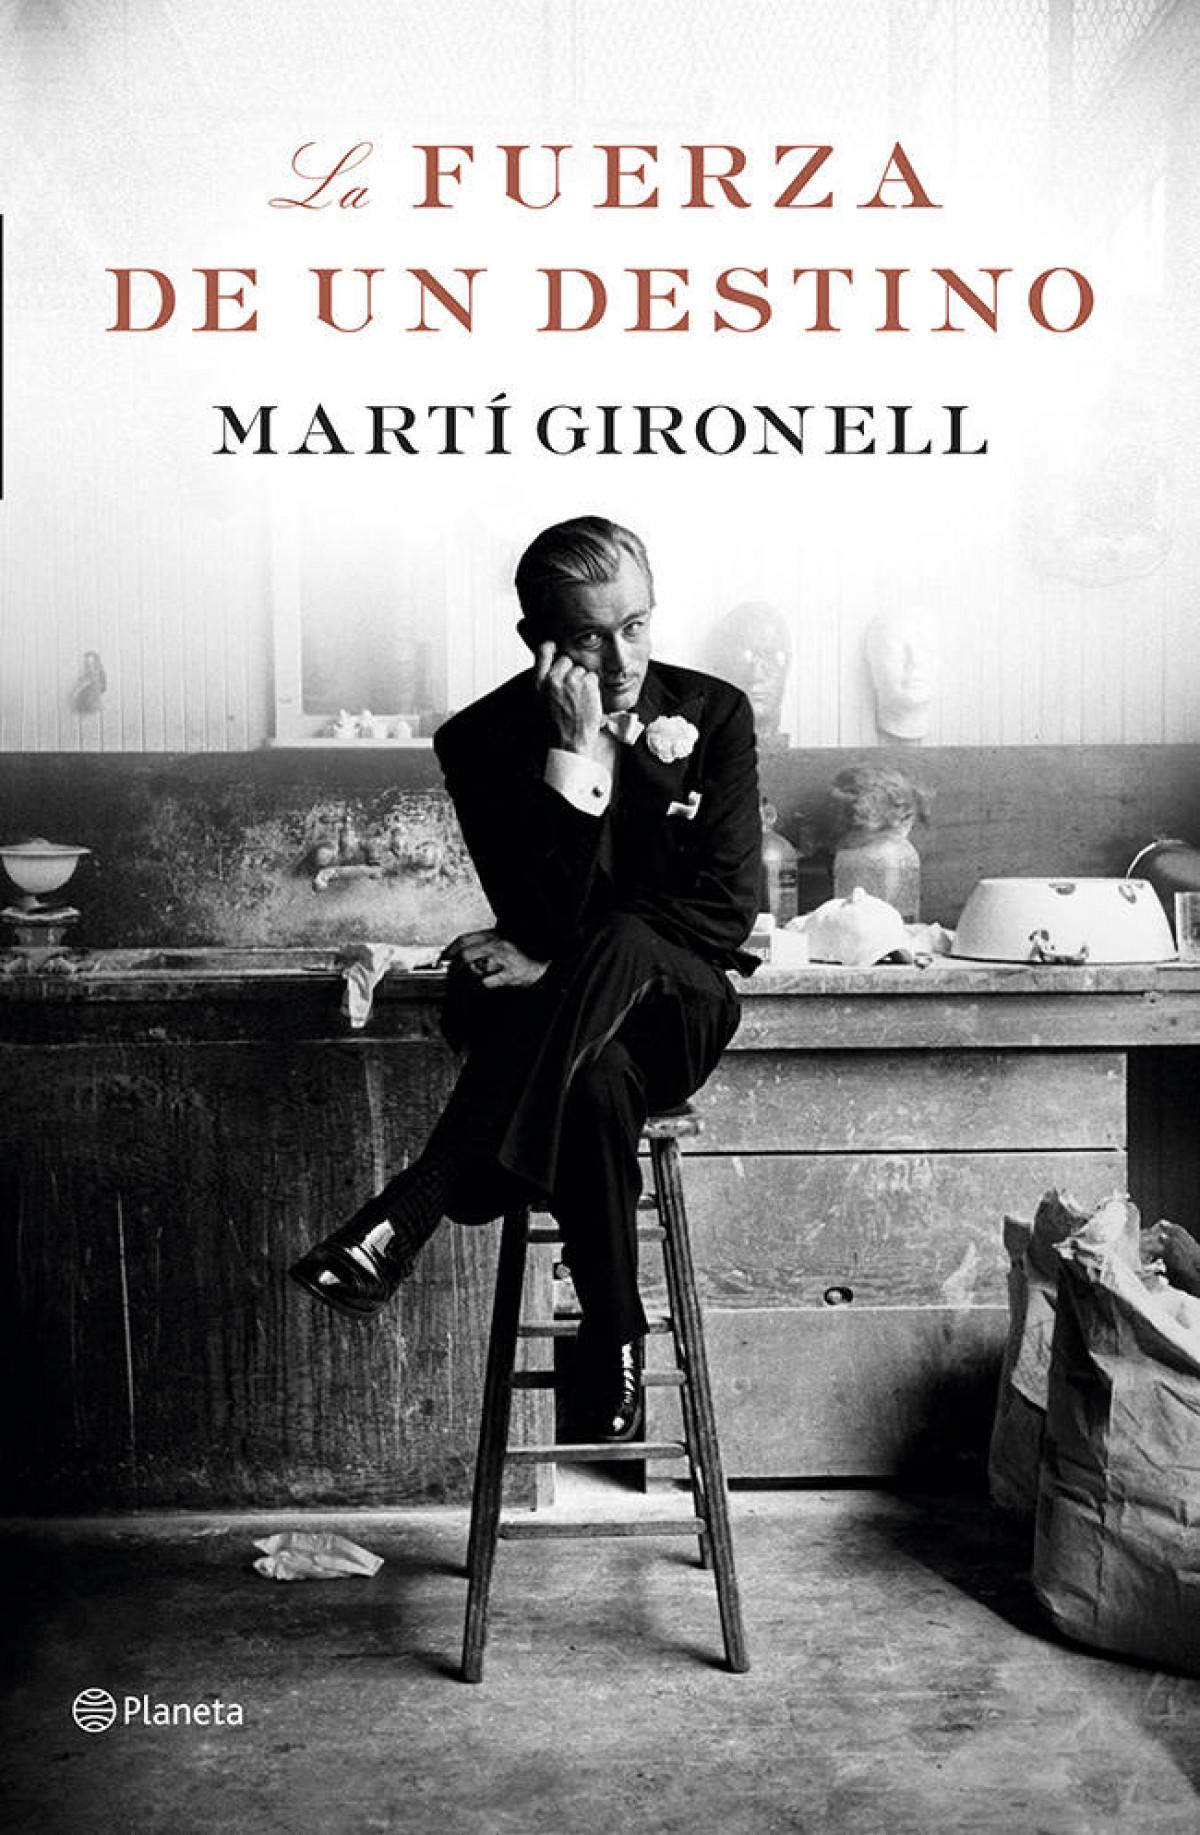 La fuerza de un destino, Martí Gironel